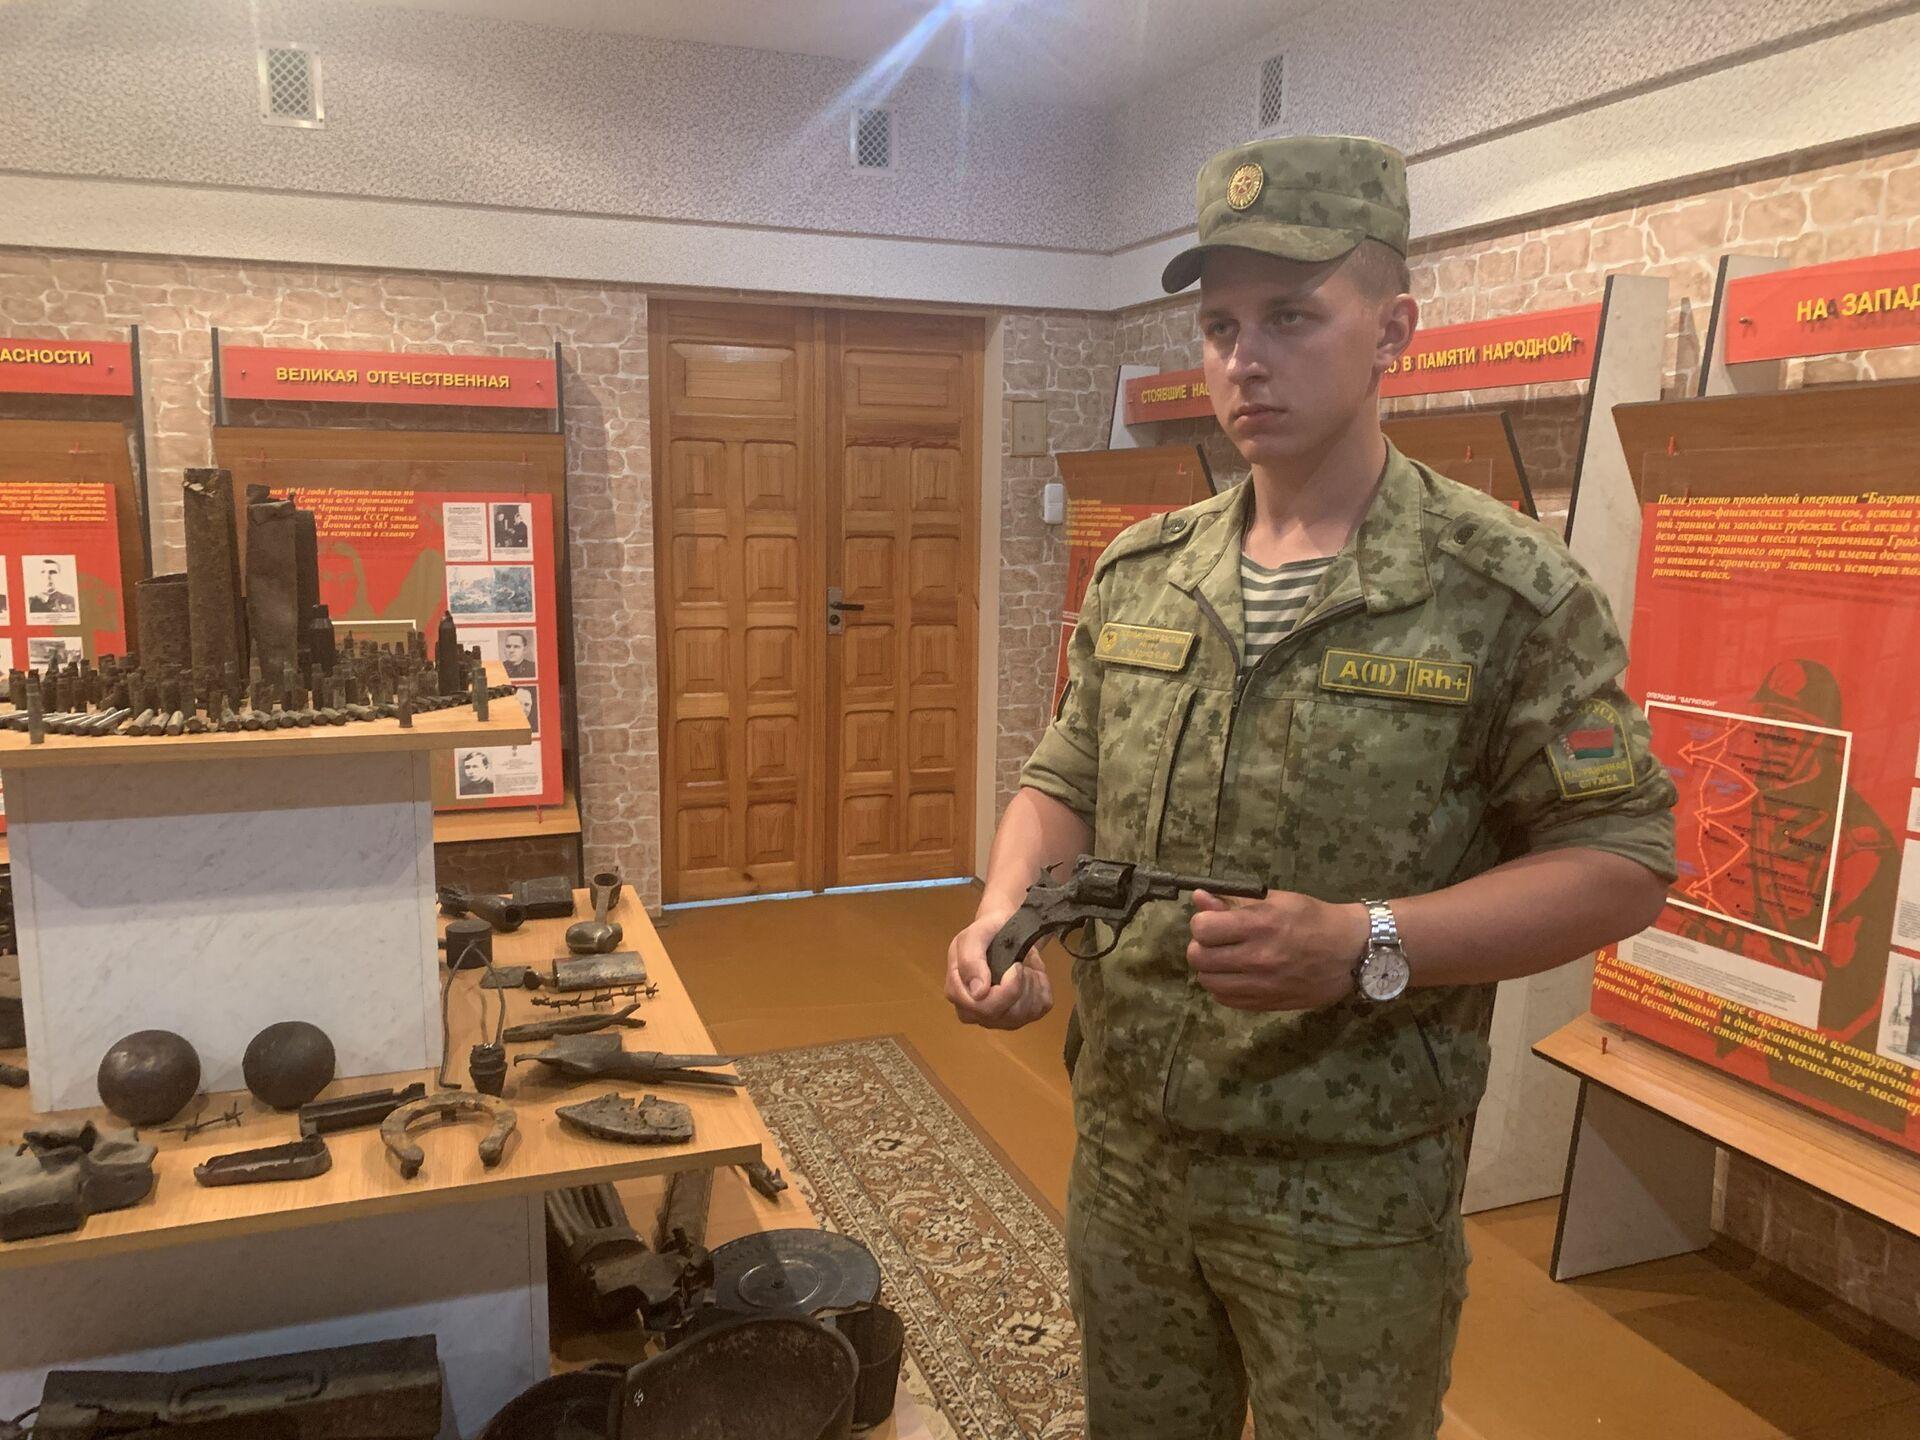 На заставе работает музей, который ежегодно принимает сотни экскурсионных групп. Главный экспонат - револьвер Виктора Усова - Sputnik Беларусь, 1920, 29.06.2021